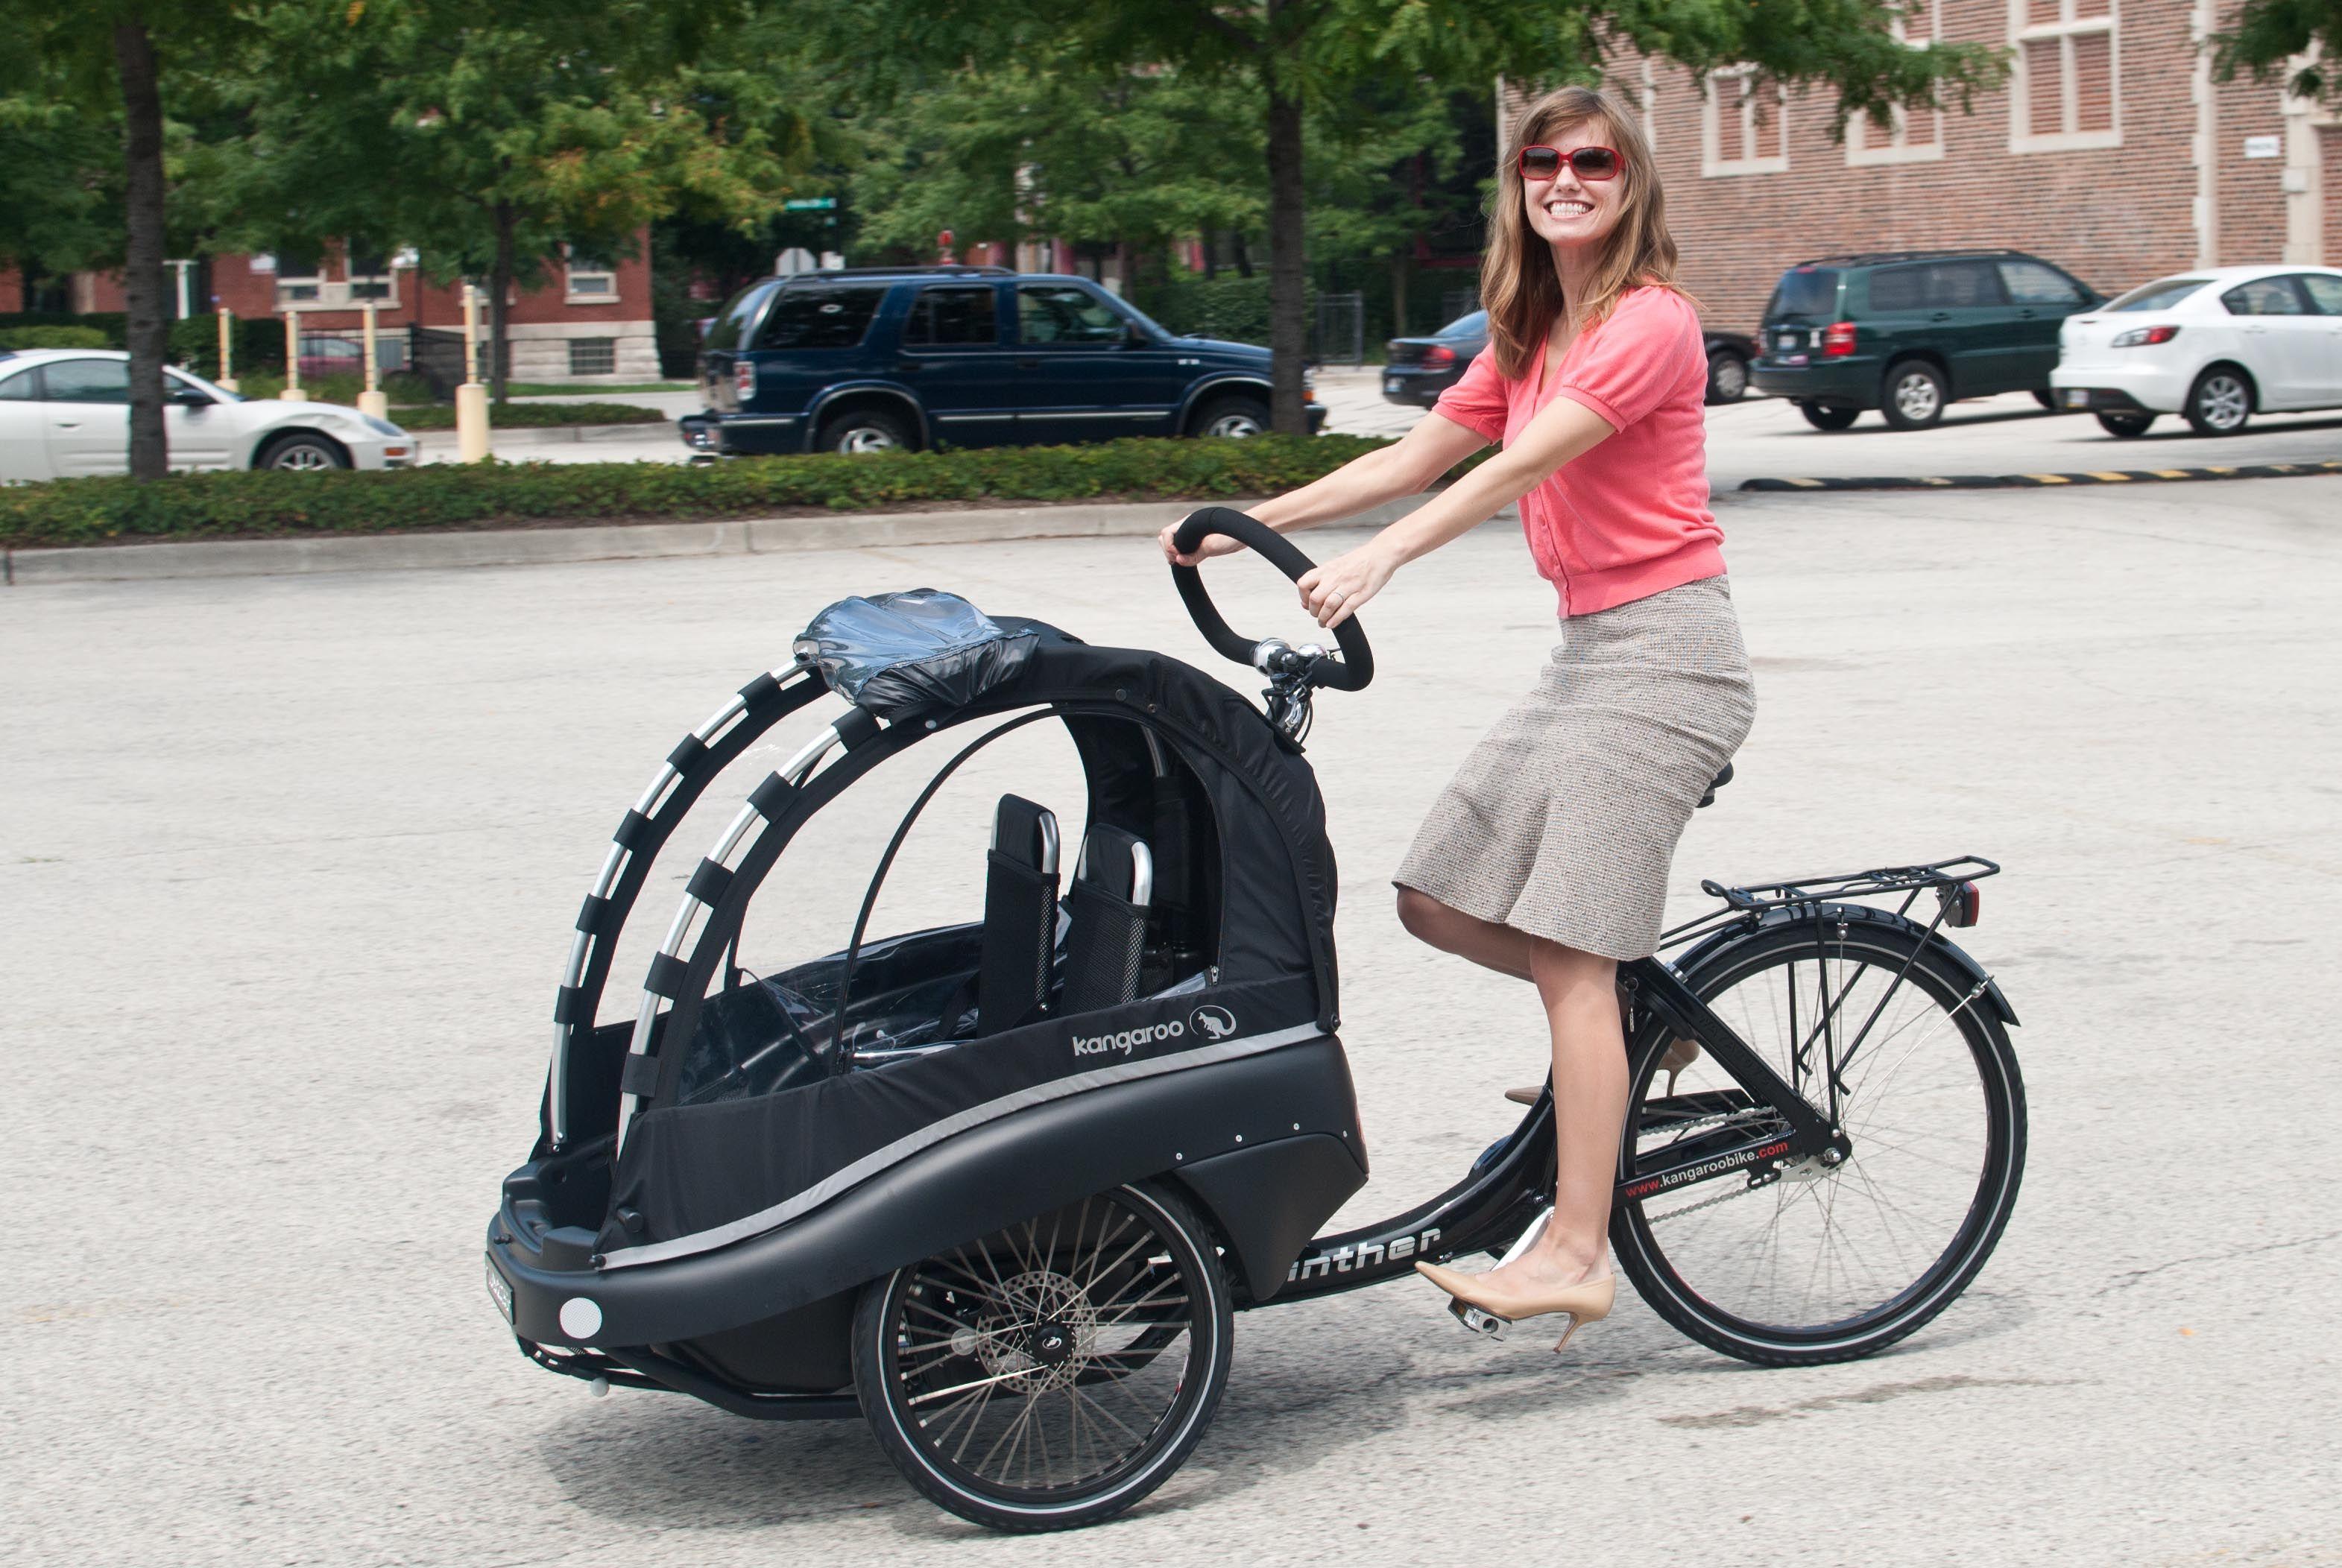 Beautiful Bicycles Kangaroo Family Bike Baby bike